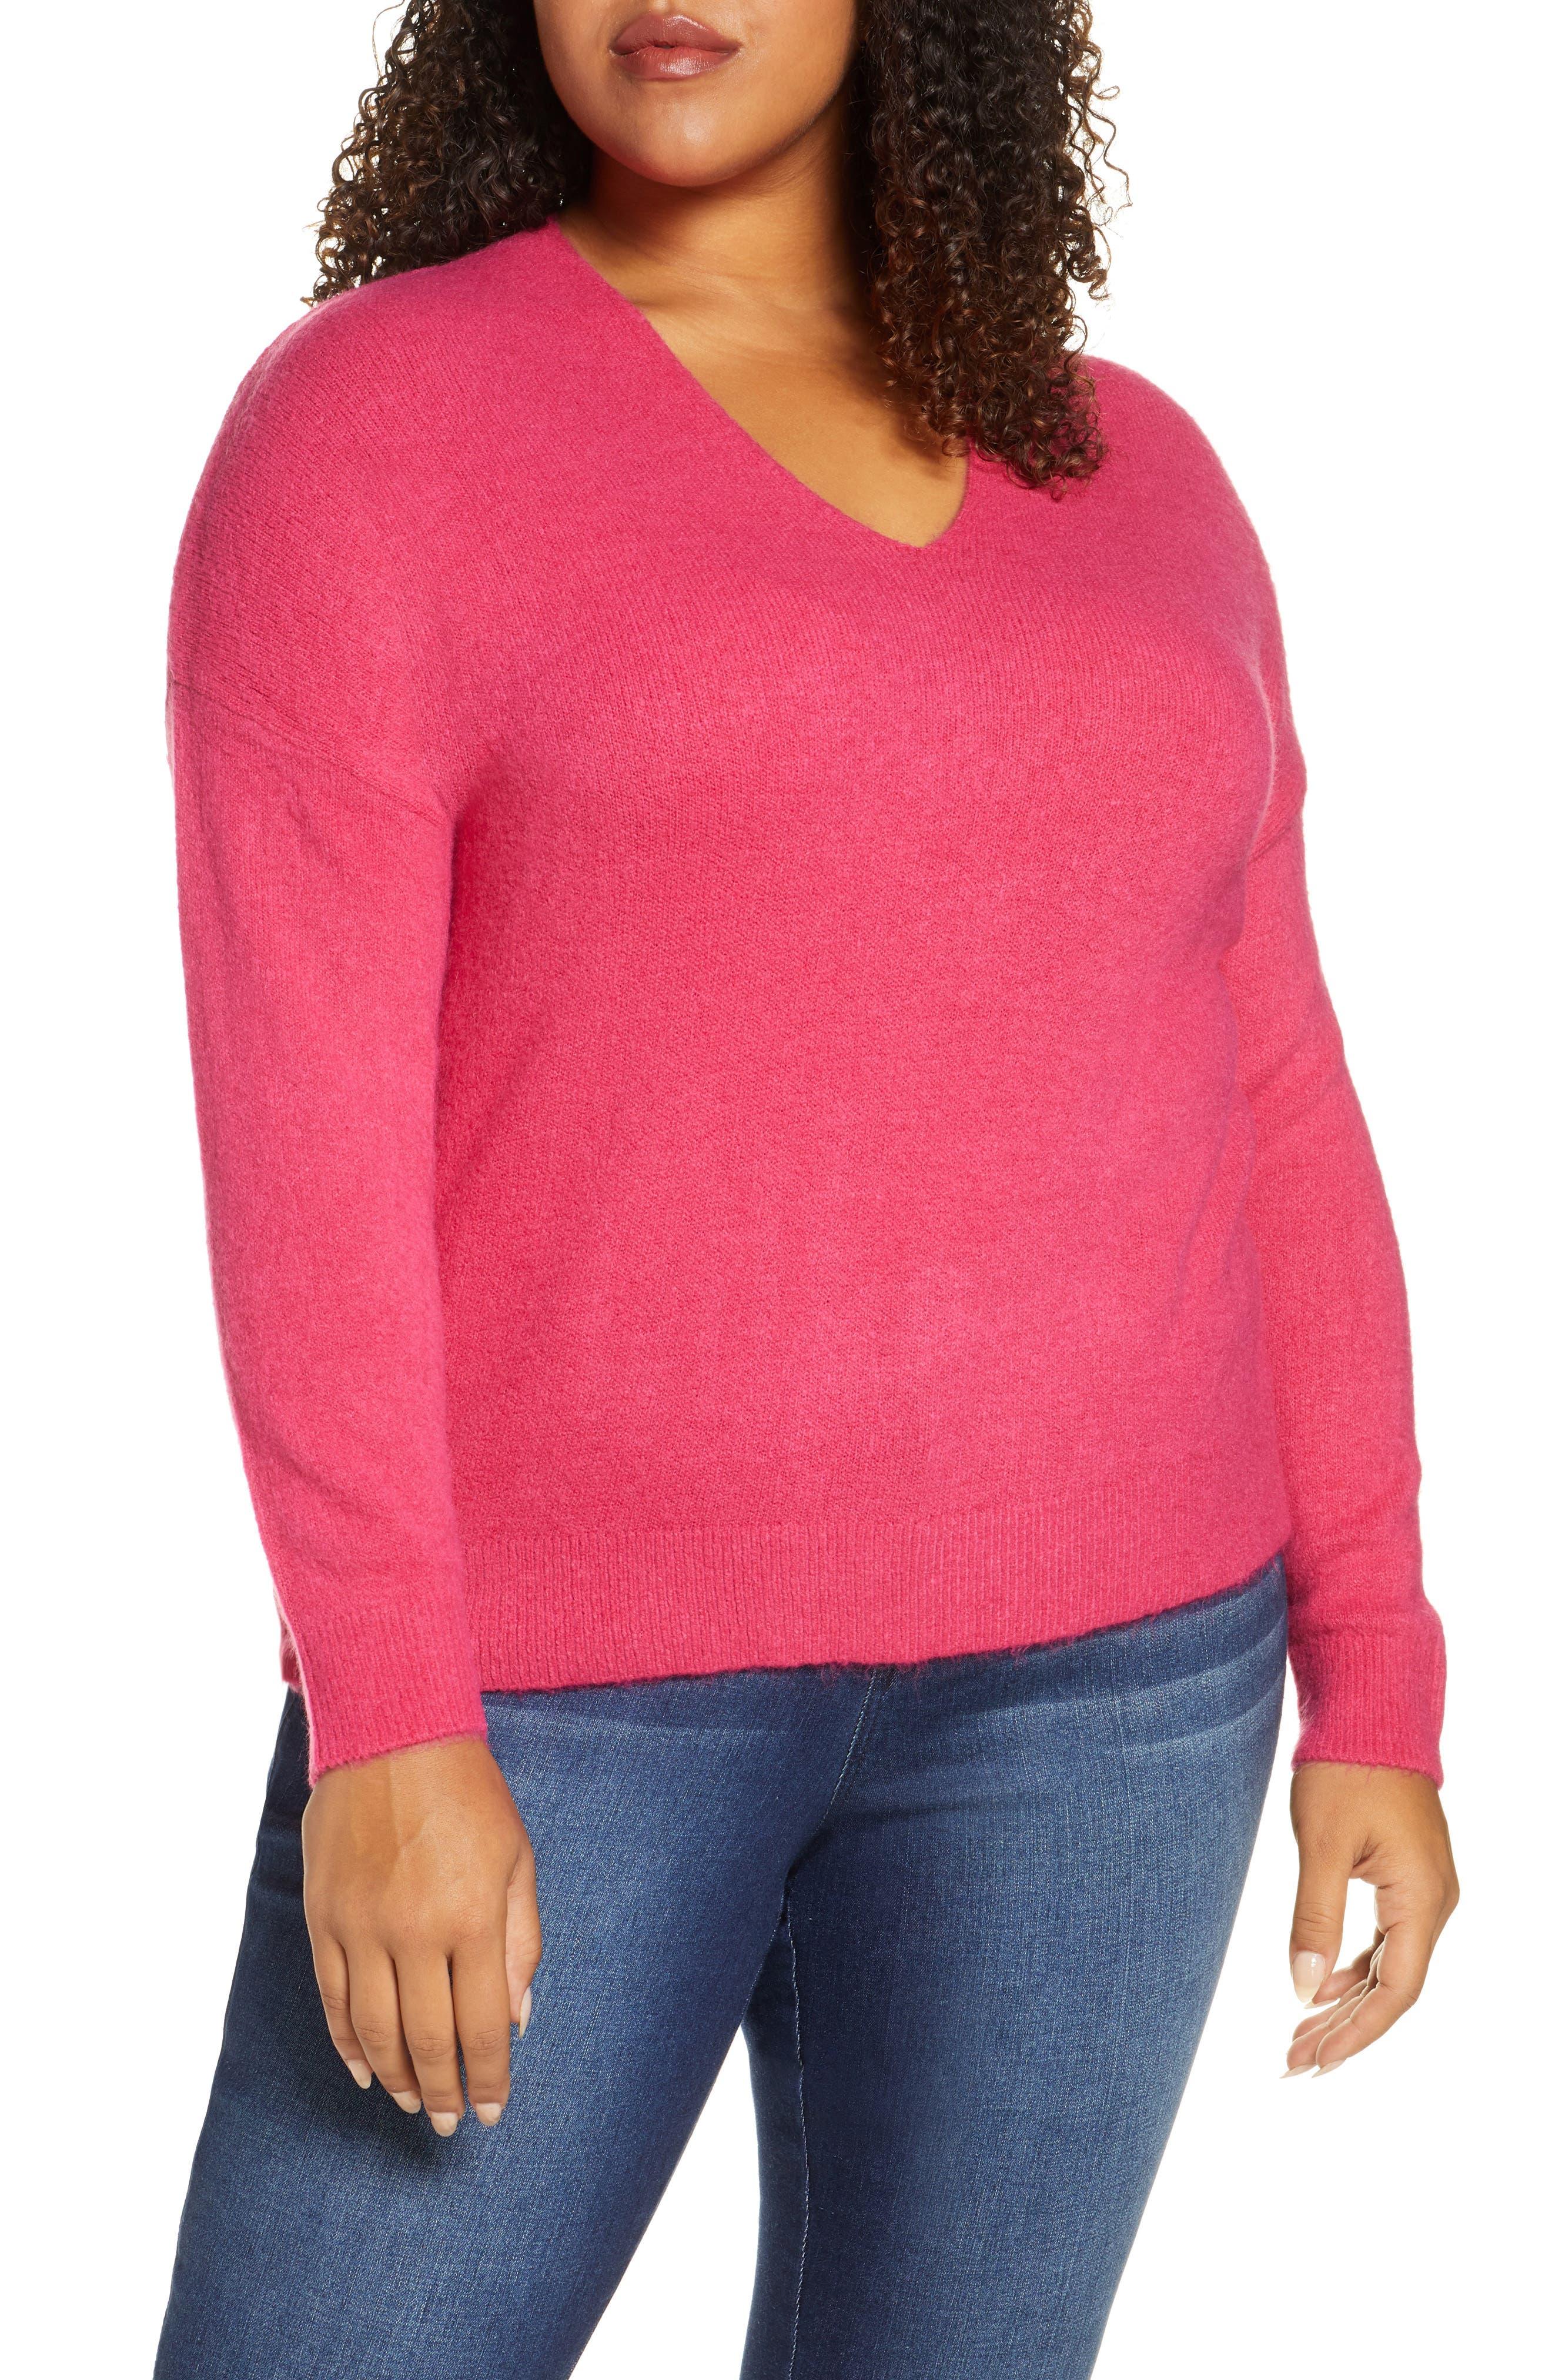 Image of Rachel Rachel Roy Ivory V-Neck Pullover Sweater